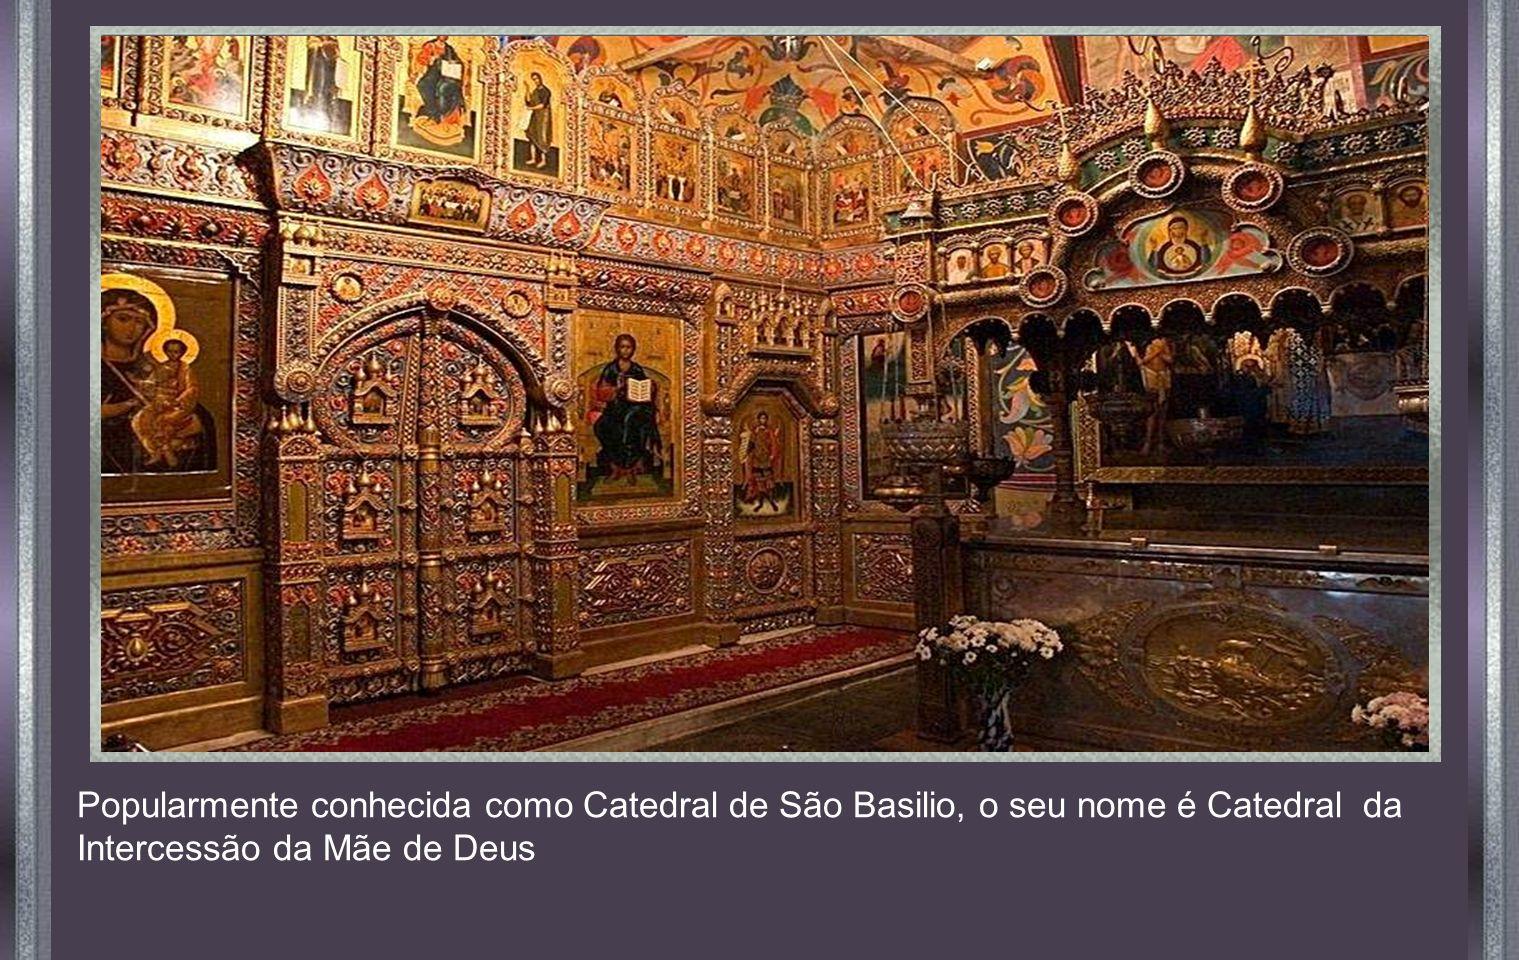 Popularmente conhecida como Catedral de São Basilio, o seu nome é Catedral da Intercessão da Mãe de Deus